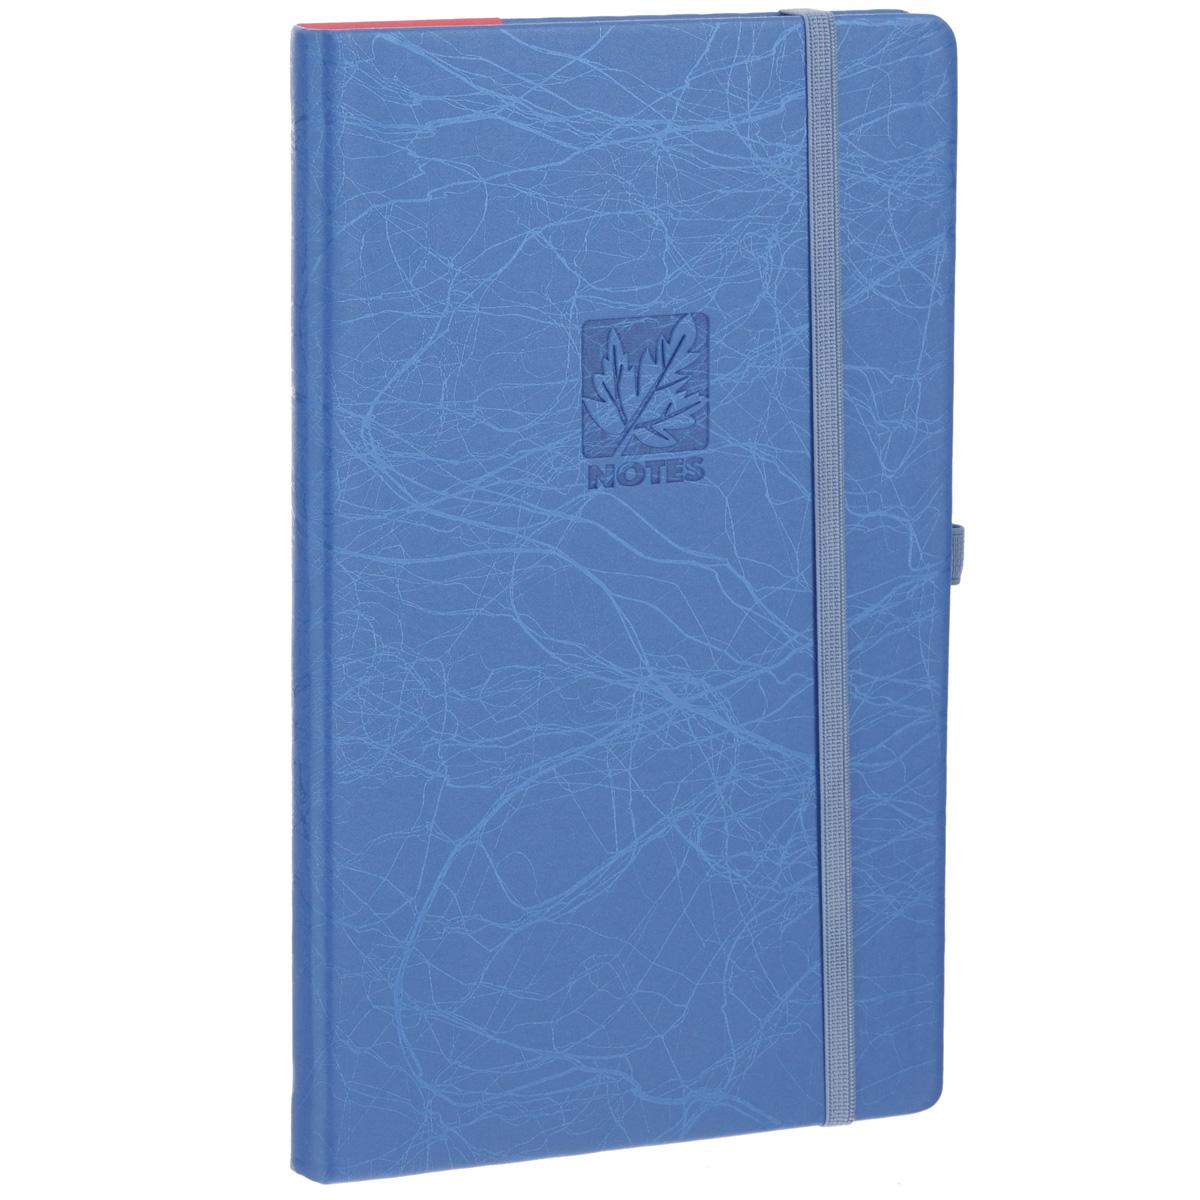 Записная книжка Erich Krause Scribble, цвет: синий, 96 листов36772Записная книжка Erich Krause Scribble - это дополнительный штрих к вашему имиджу. Демократичная в своем содержании, книжка может быть использована не только для личных пометок и записей, но и как недатированный ежедневник. Надежная твердая обложка из плотного картона, обтянутого искусственной кожей, сохранит ее в аккуратном состоянии на протяжении всего времени использования. Плотная в линейку бумага белого цвета, закладка-ляссе, практичные скругленные углы, эластичная петелька для ручки и внутренний бумажный карман на задней обложке - все это обеспечит вам истинное удовольствие от письма. В начале книжки имеется страничка для заполнения личных данных владельца, четыре страницы для заполнения адресов, телефонов и интернет-почты и четыре страницы для заполнения сайтов и ссылок. Благодаря небольшому формату книжку легко взять с собой. Записная книжка плотно закрывается при помощи фиксирующей резинки.